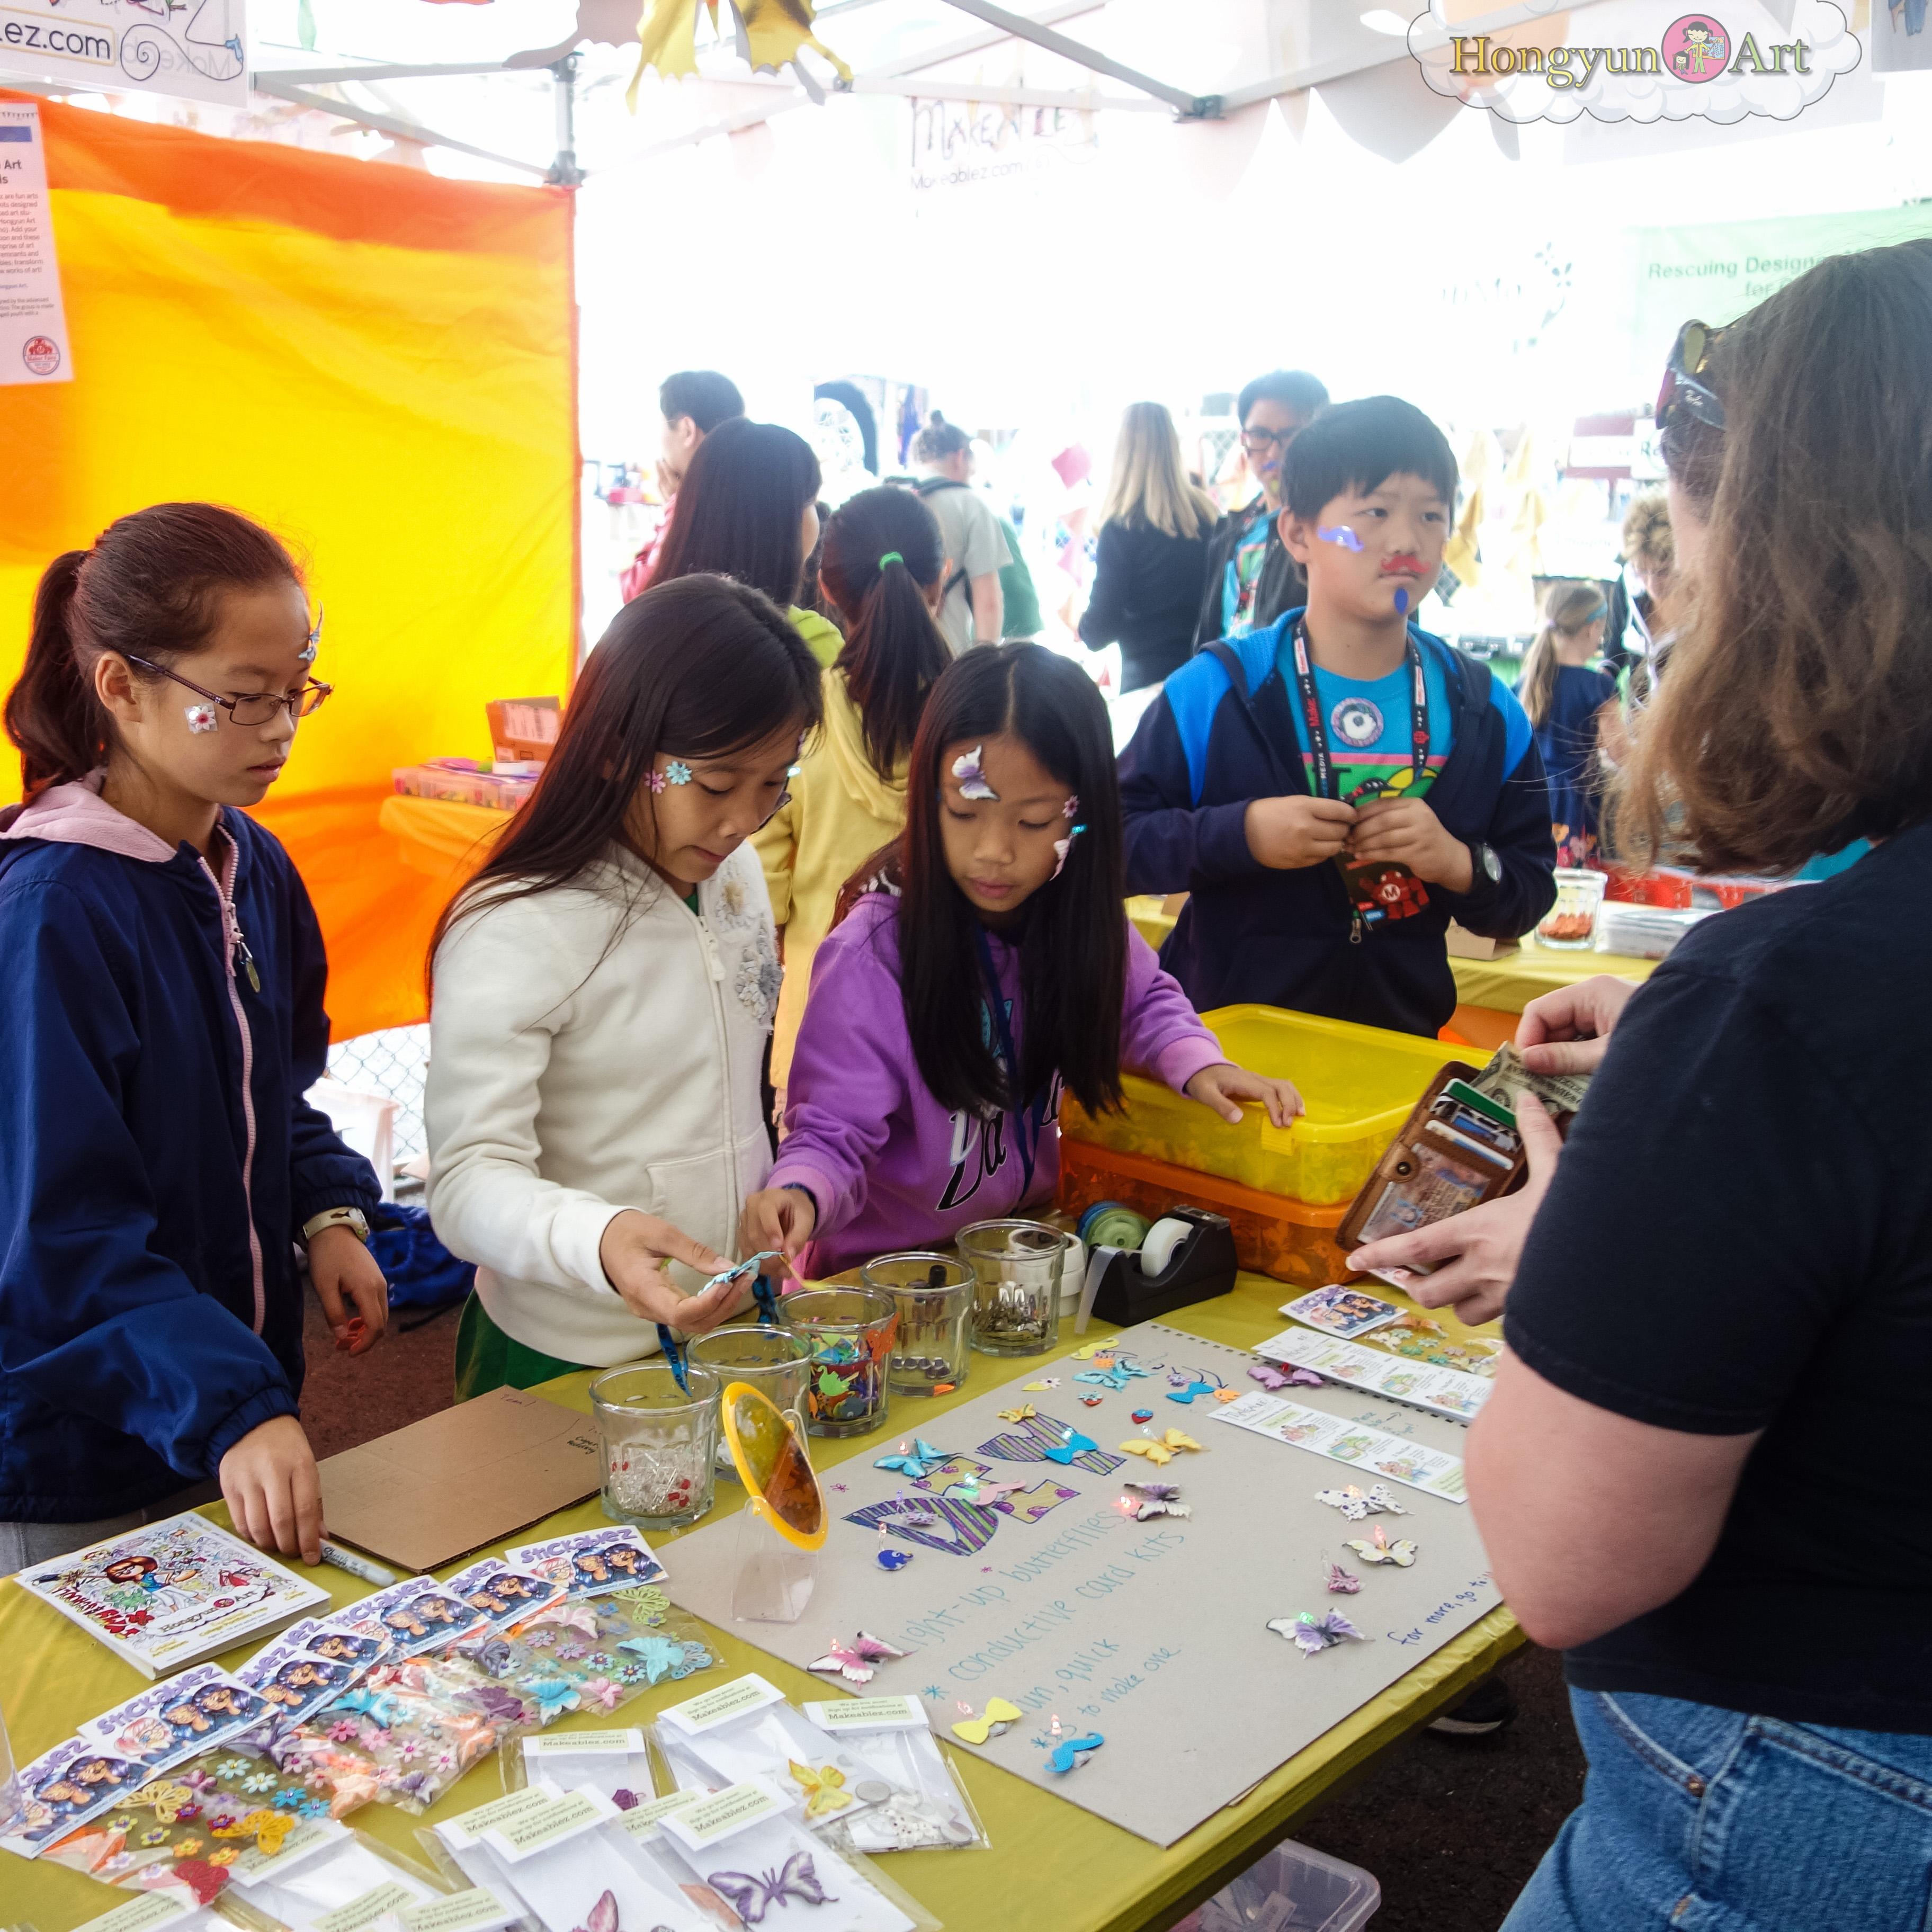 2014-05-Hongyun-Art-MakerFaire-172.jpg